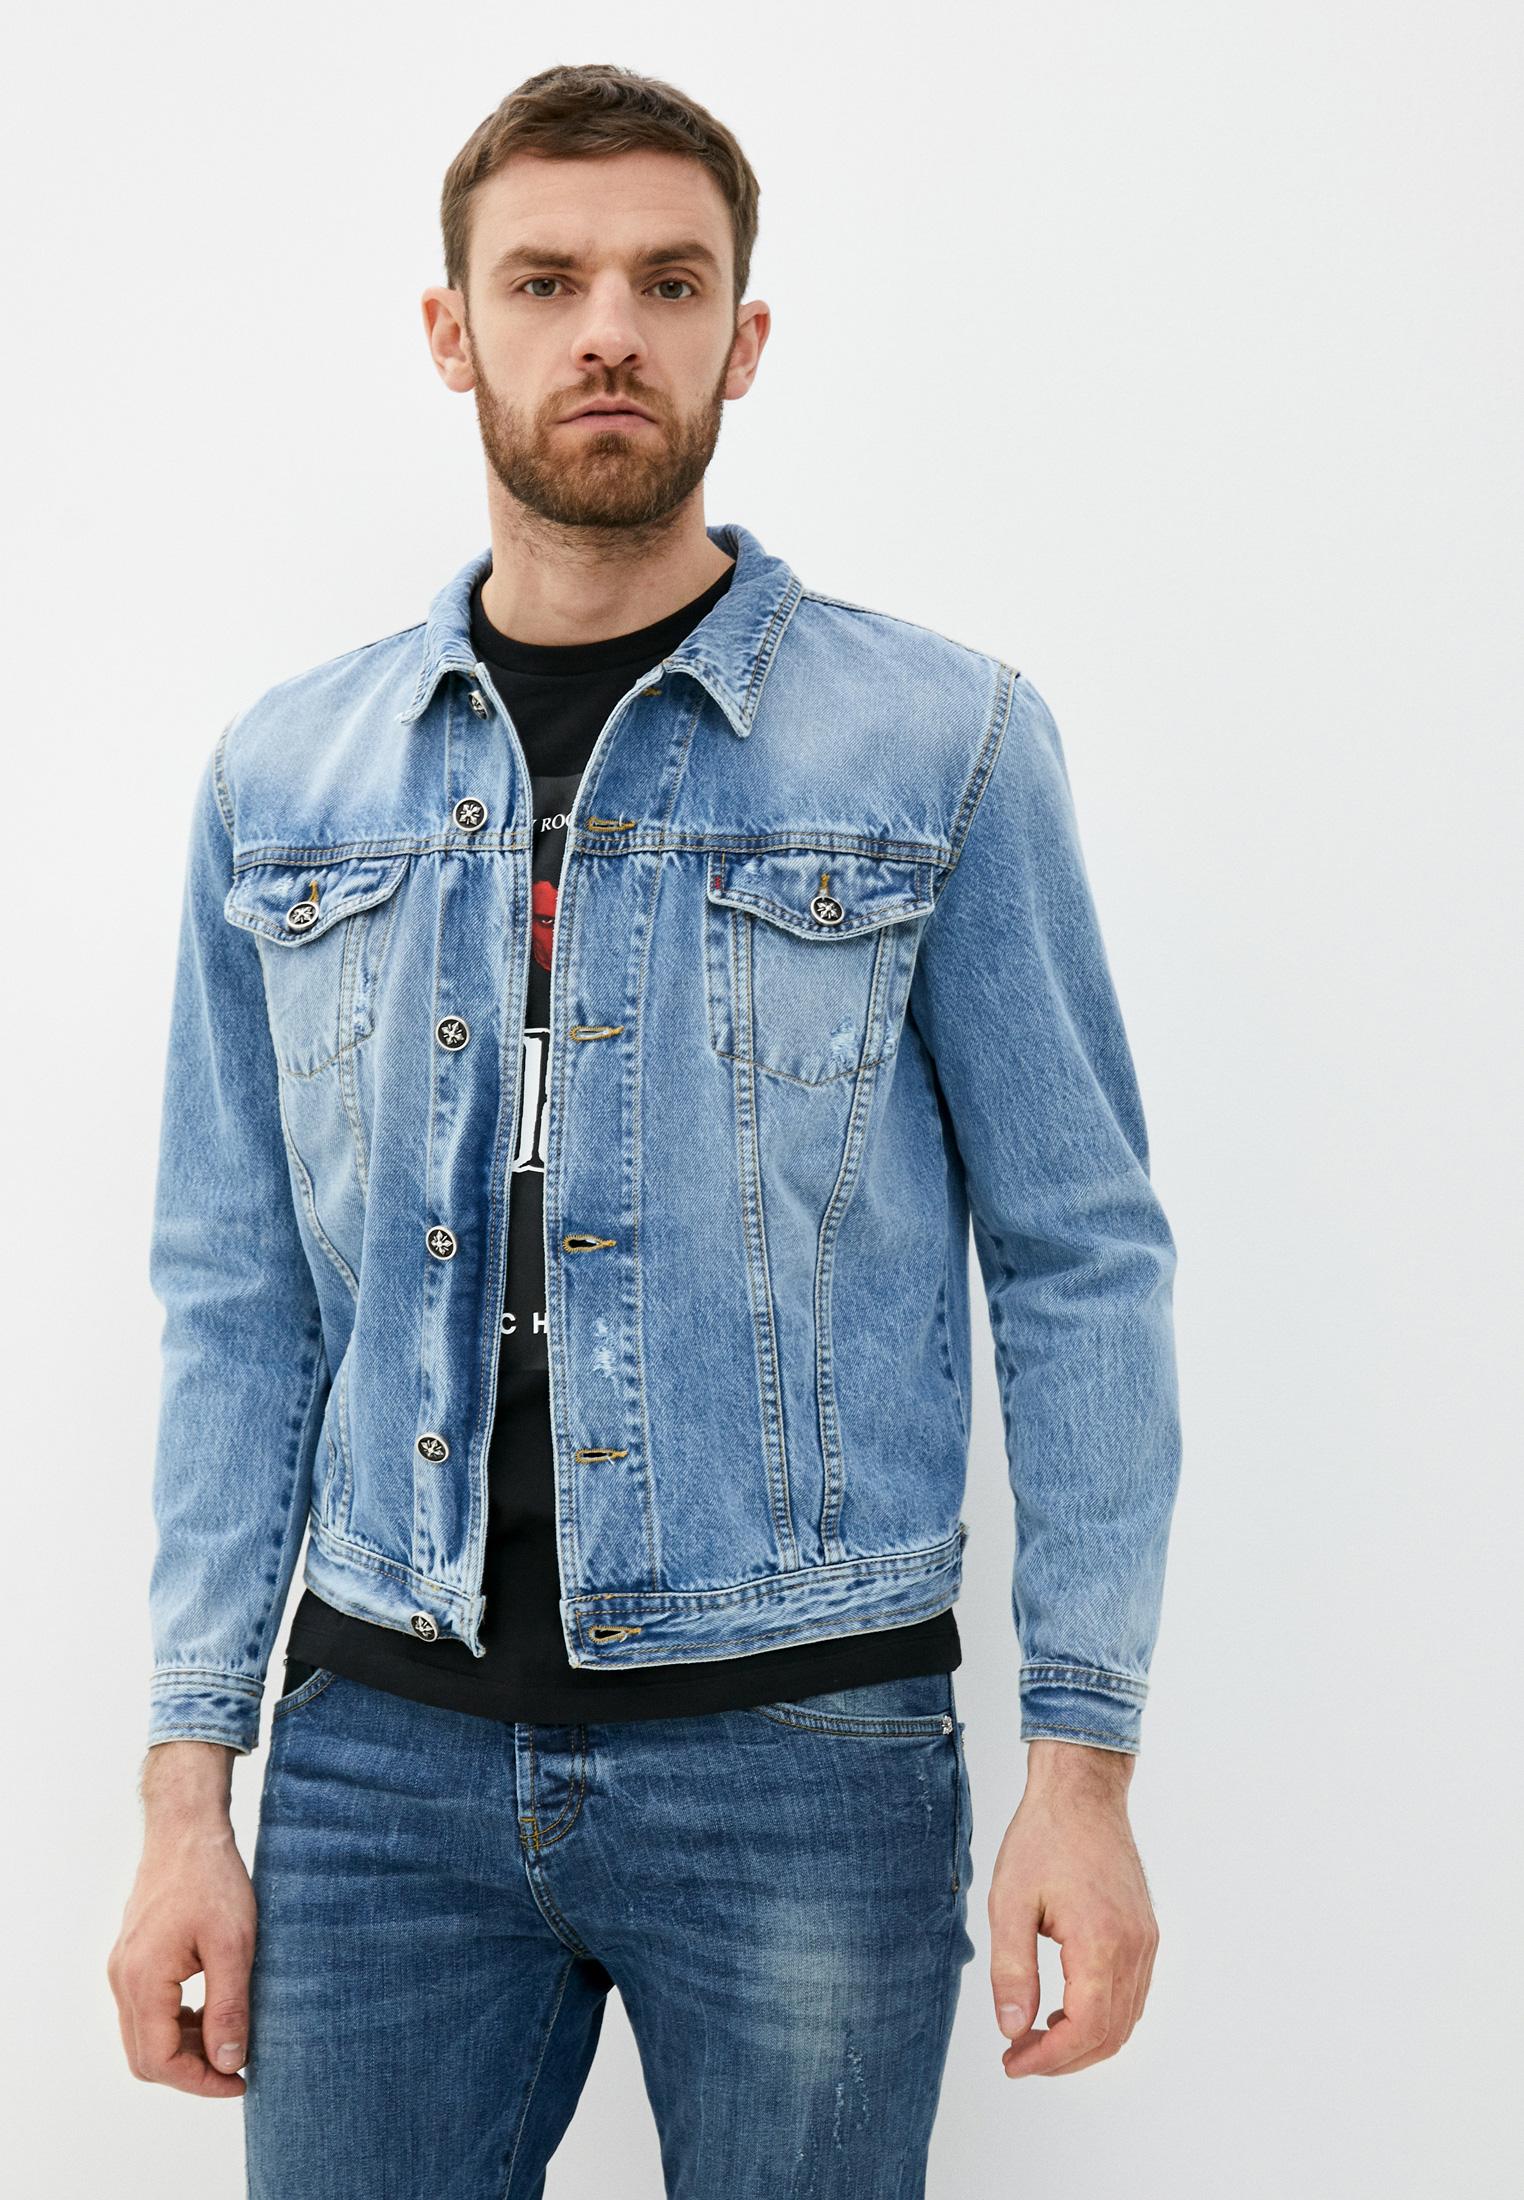 Джинсовая куртка John Richmond (Джон Ричмонд) rmp20142gb